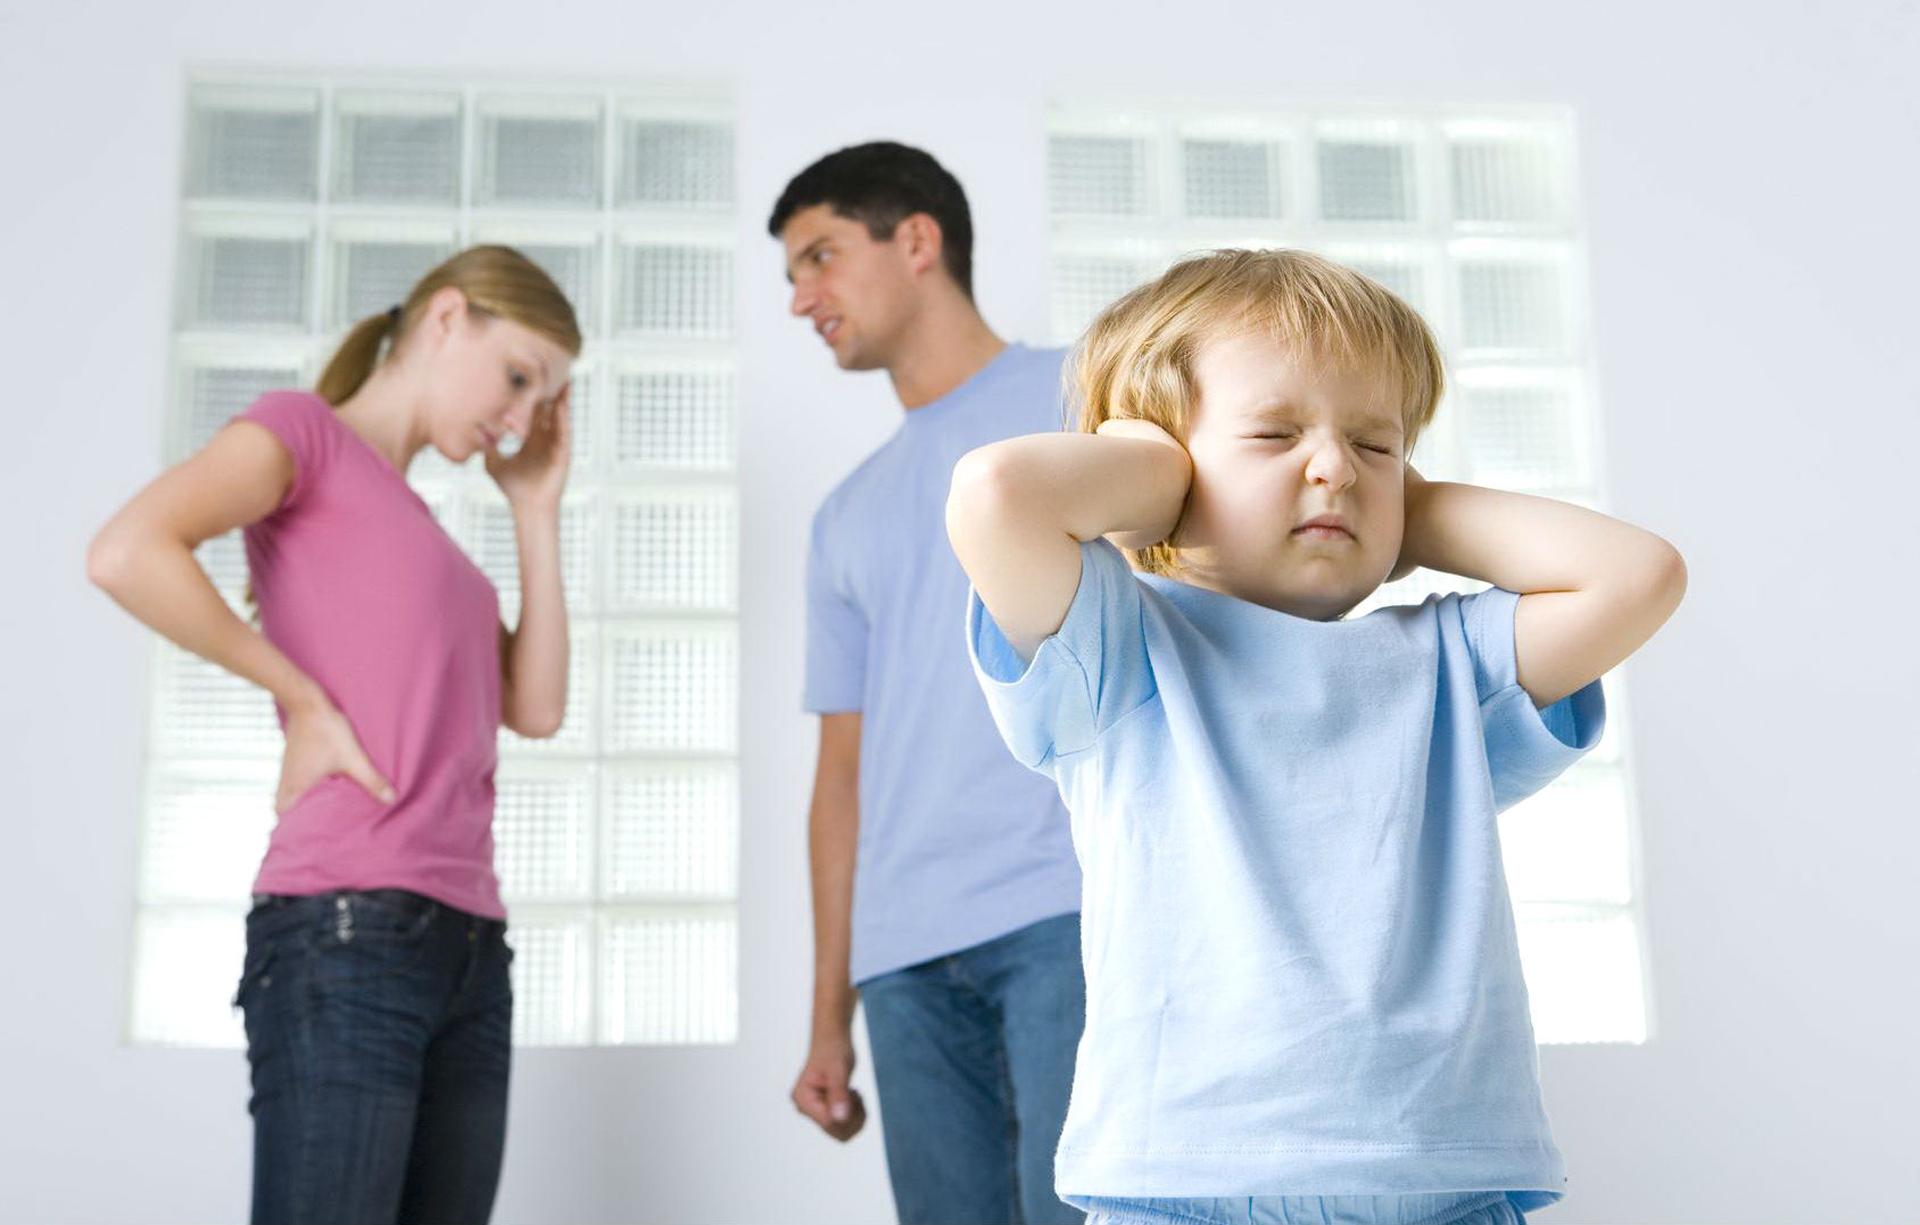 Bố mẹ làm 8 viêc này trước mặt con chính là 'đầu đ ộc' khiến con hư hỏng và bất hiếu